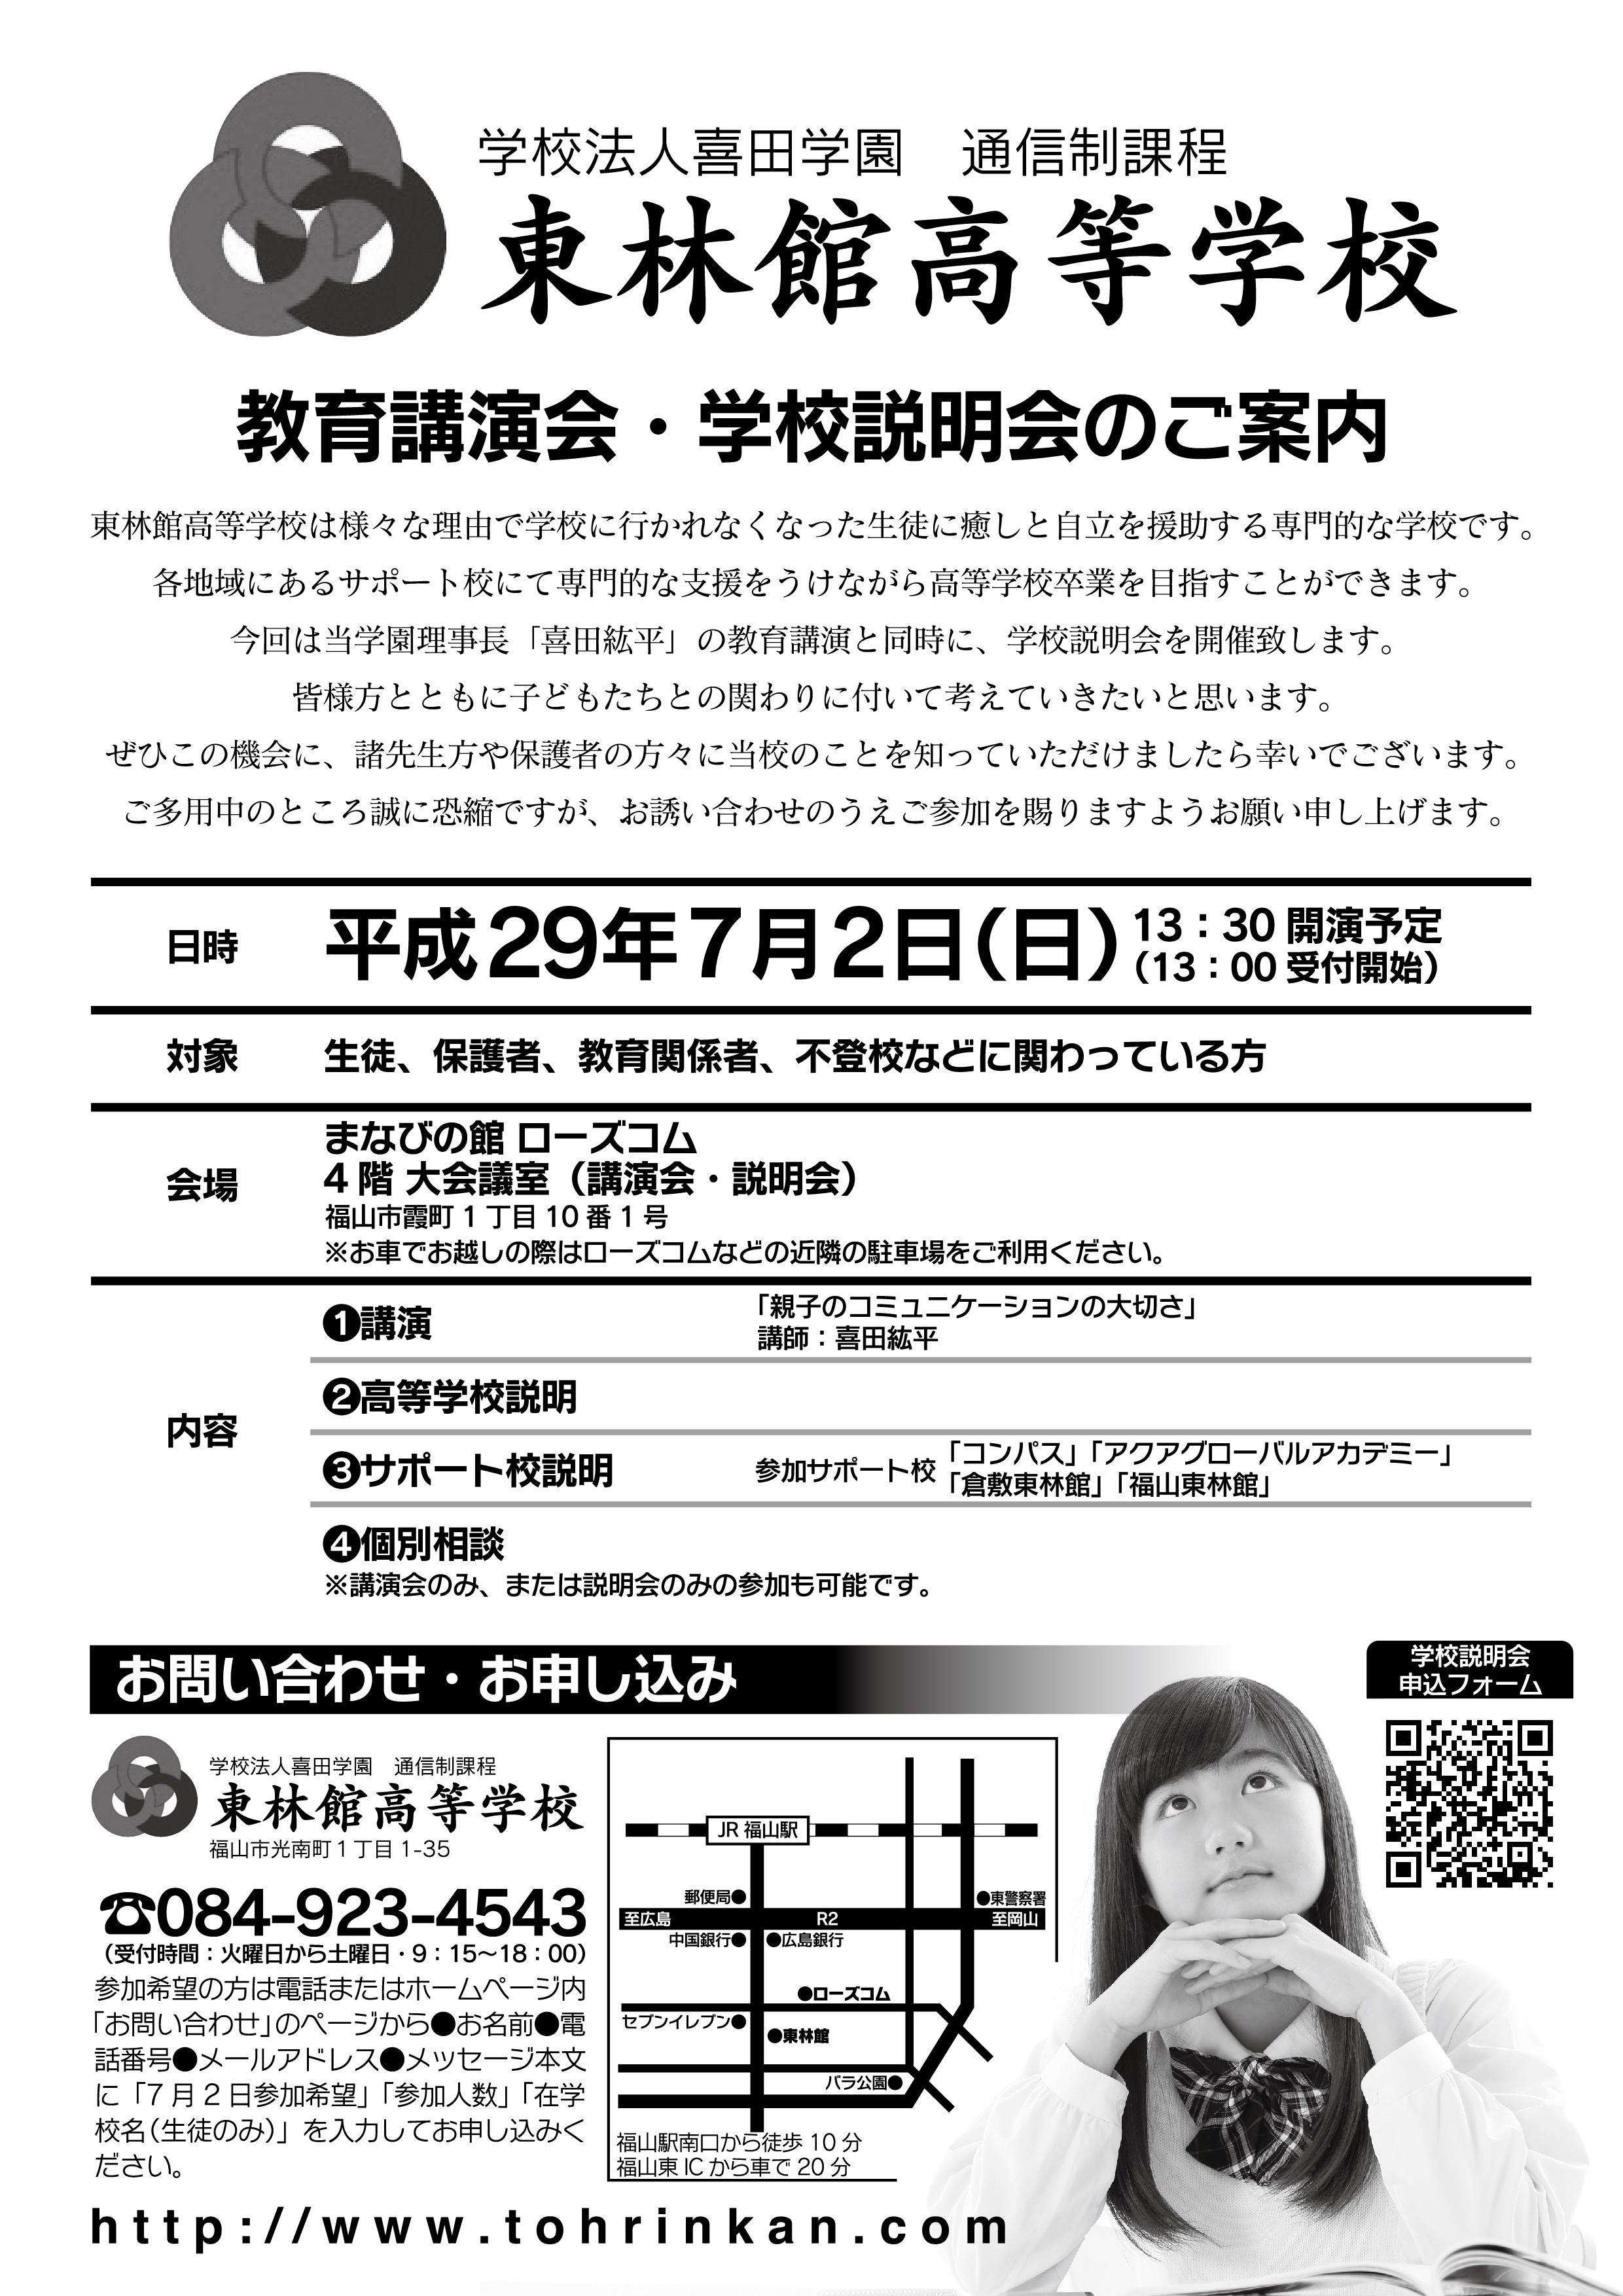 2017学校説明会(裏)